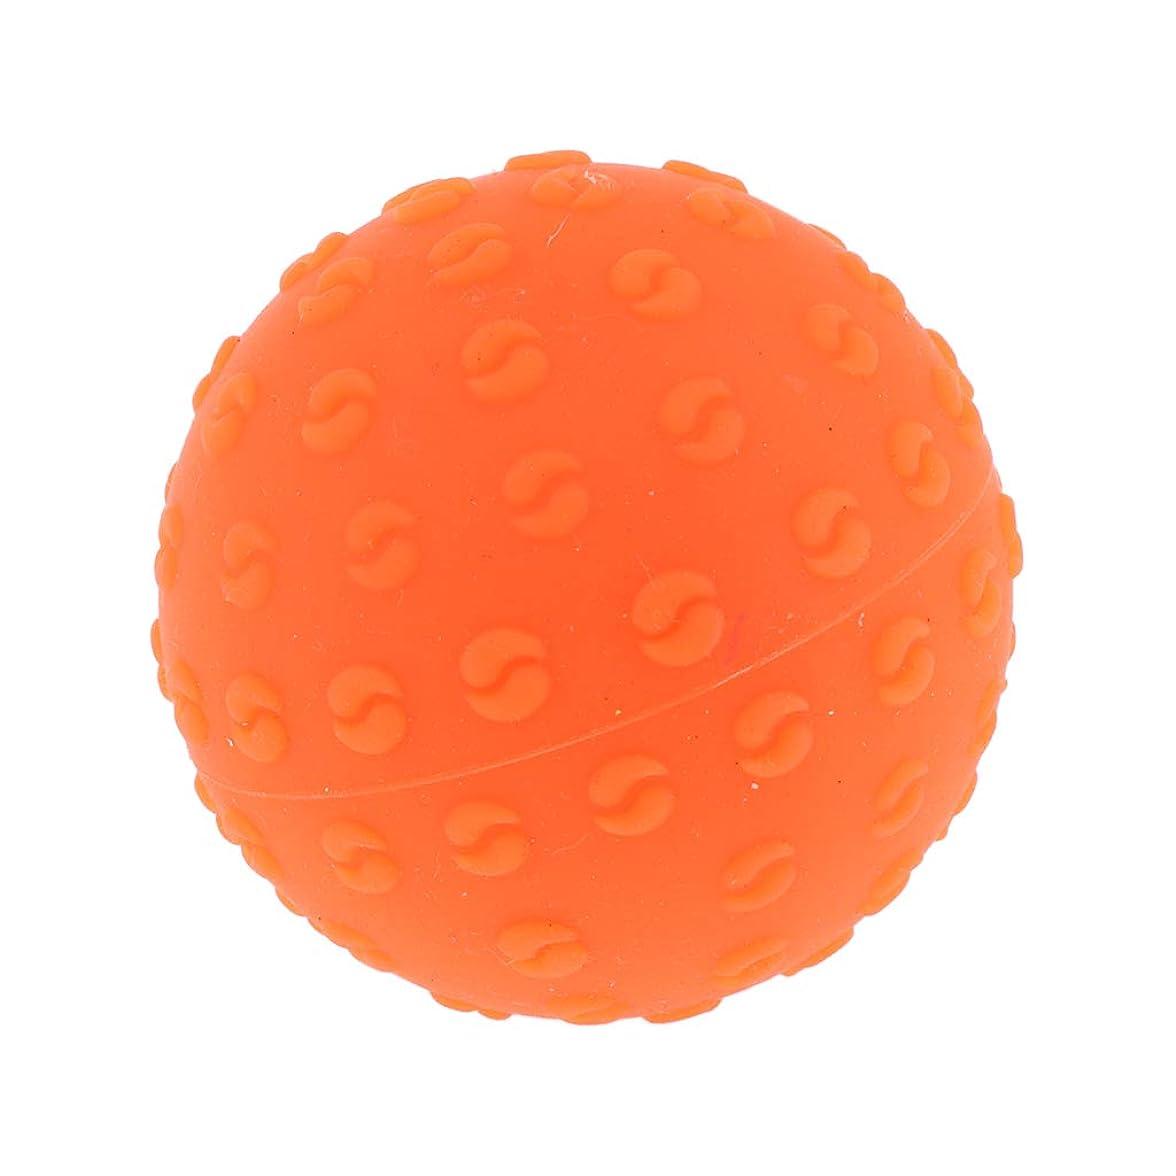 裁判所宿る上にPerfeclan 全6色 マッサージボール 指圧ボール シリコーン トリガーポイント 足底筋膜炎 ヨガ 耐油性 快適 - オレンジ, 説明のとおり